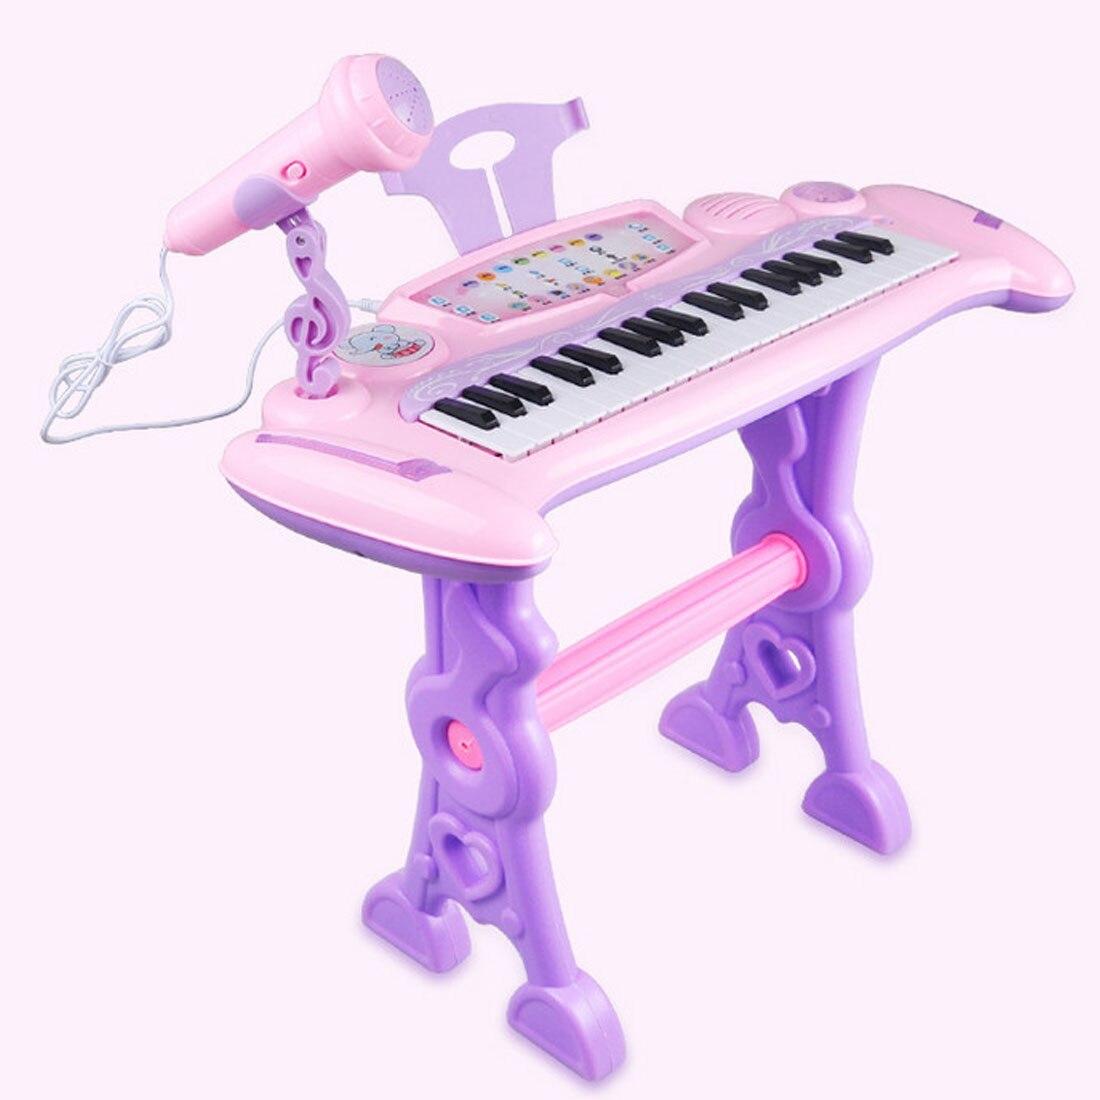 Jouet Musical rechargeable pour enfants orgue électronique 37 touches avec Microphone et tabouret pour filles jouets éducatifs pour enfants - 3